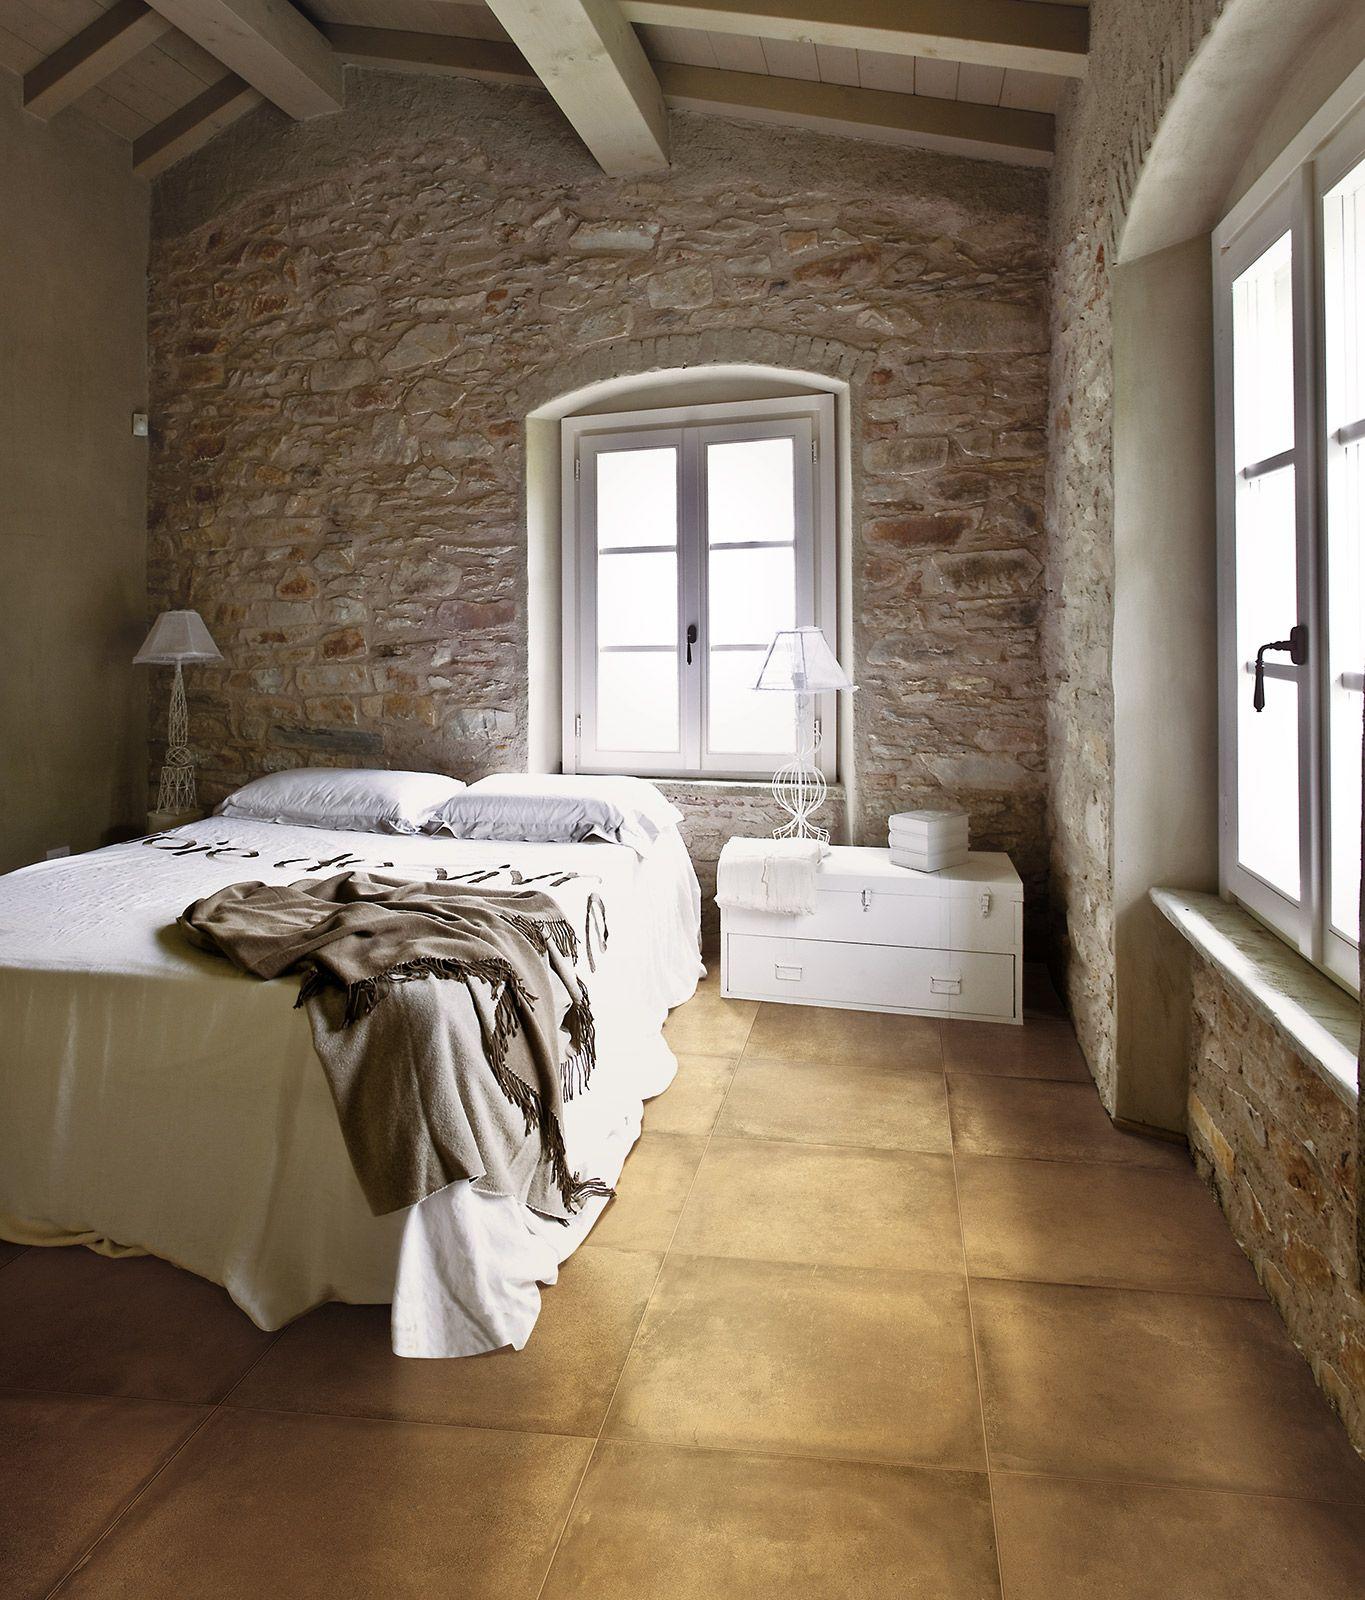 Piastrelle Camera da Letto: Idee in Ceramica e Gres ...